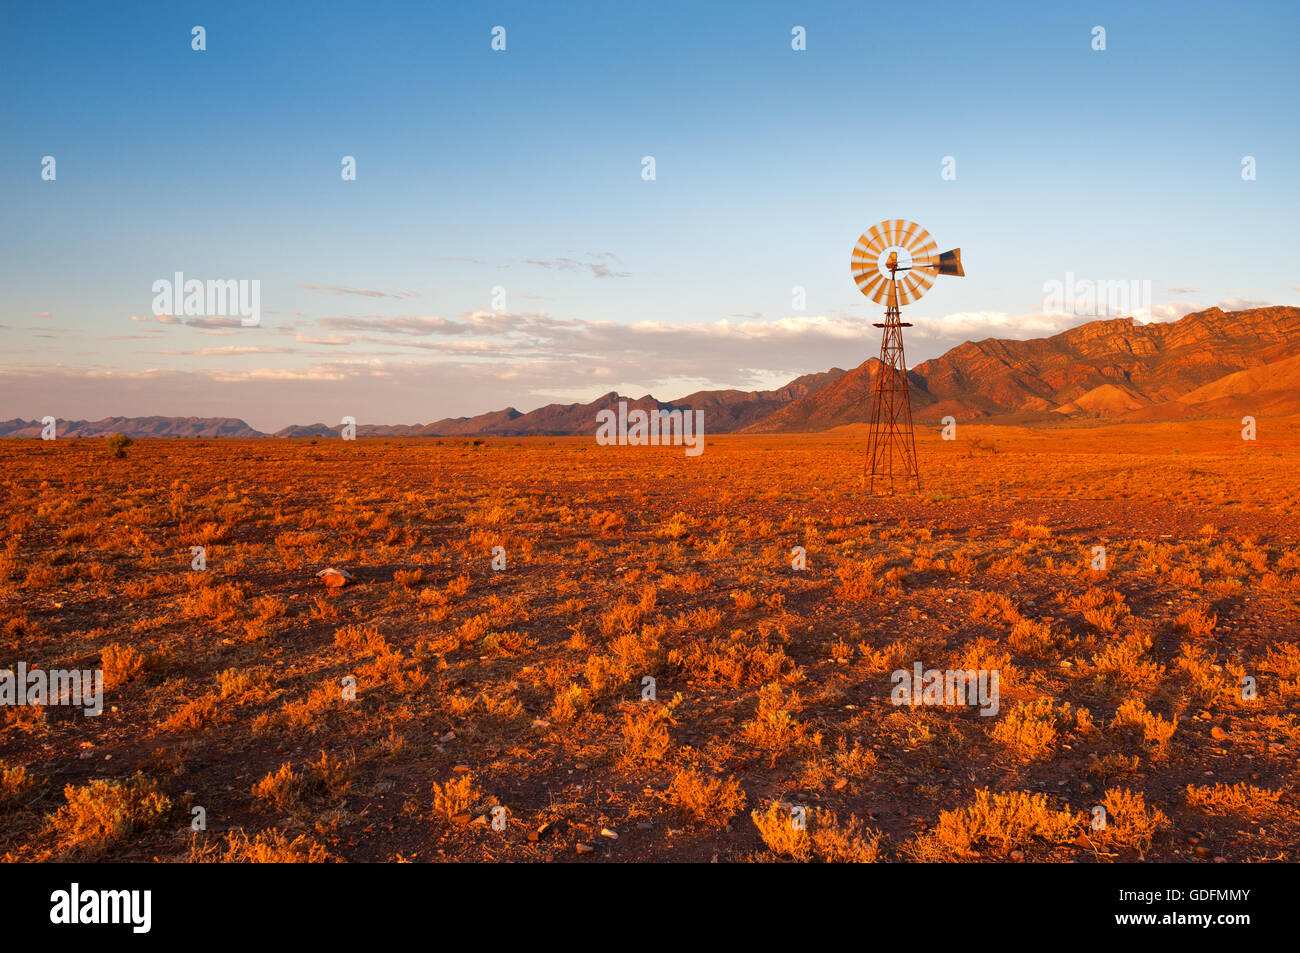 Australie - Moulin typique dans la teinte rouge d'un coucher de soleil. Photo Stock